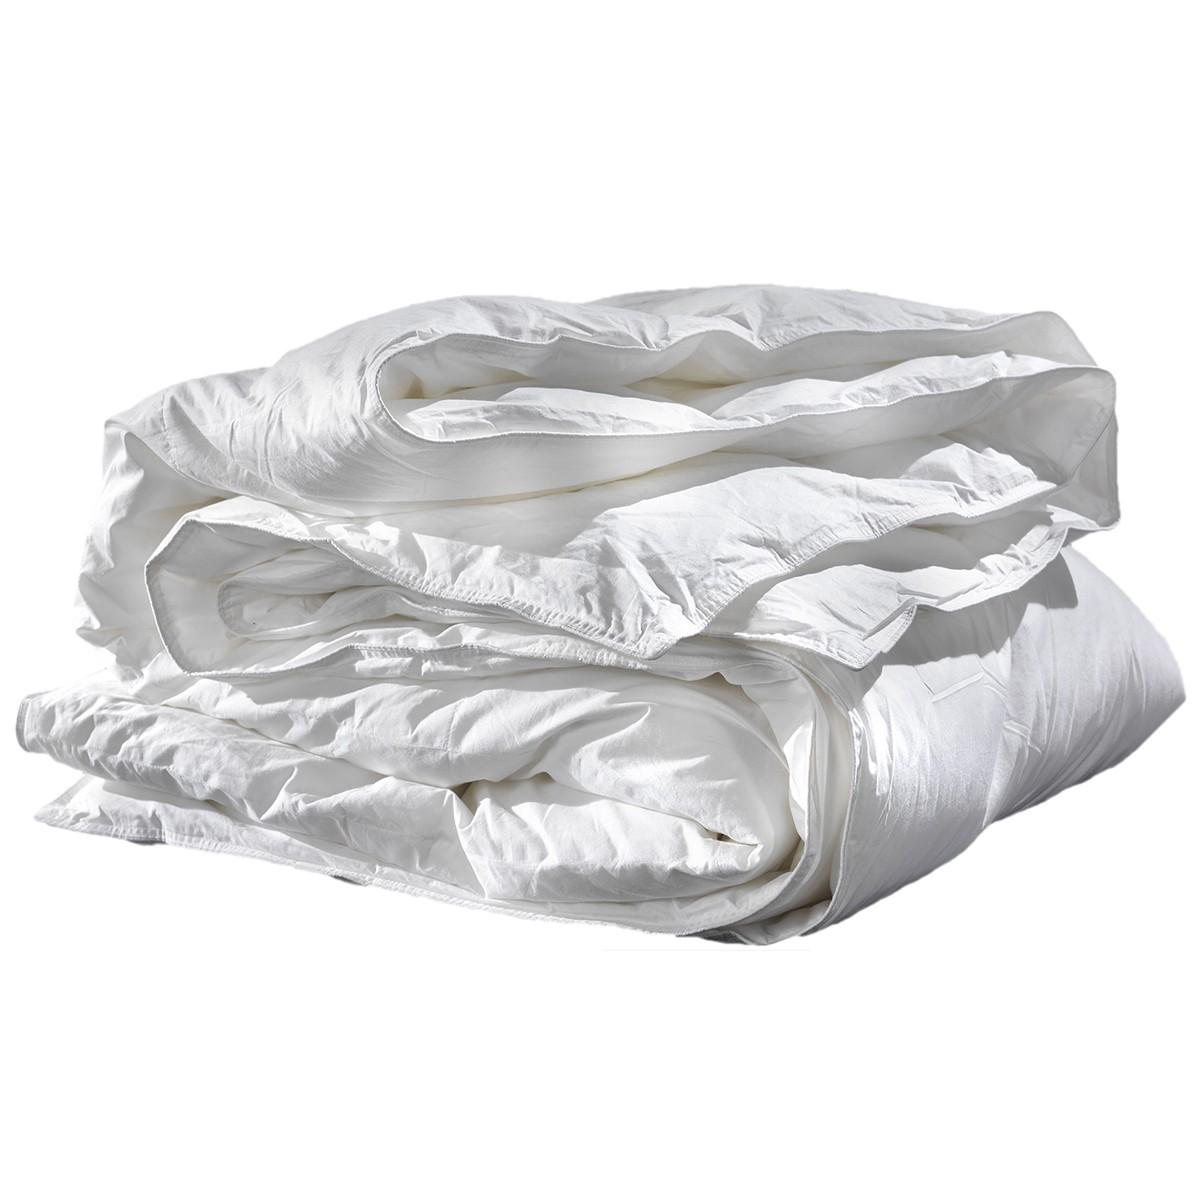 Πάπλωμα Μονό Nima Edredon Super Soft home   κρεβατοκάμαρα   παπλώματα   παπλώματα λευκά